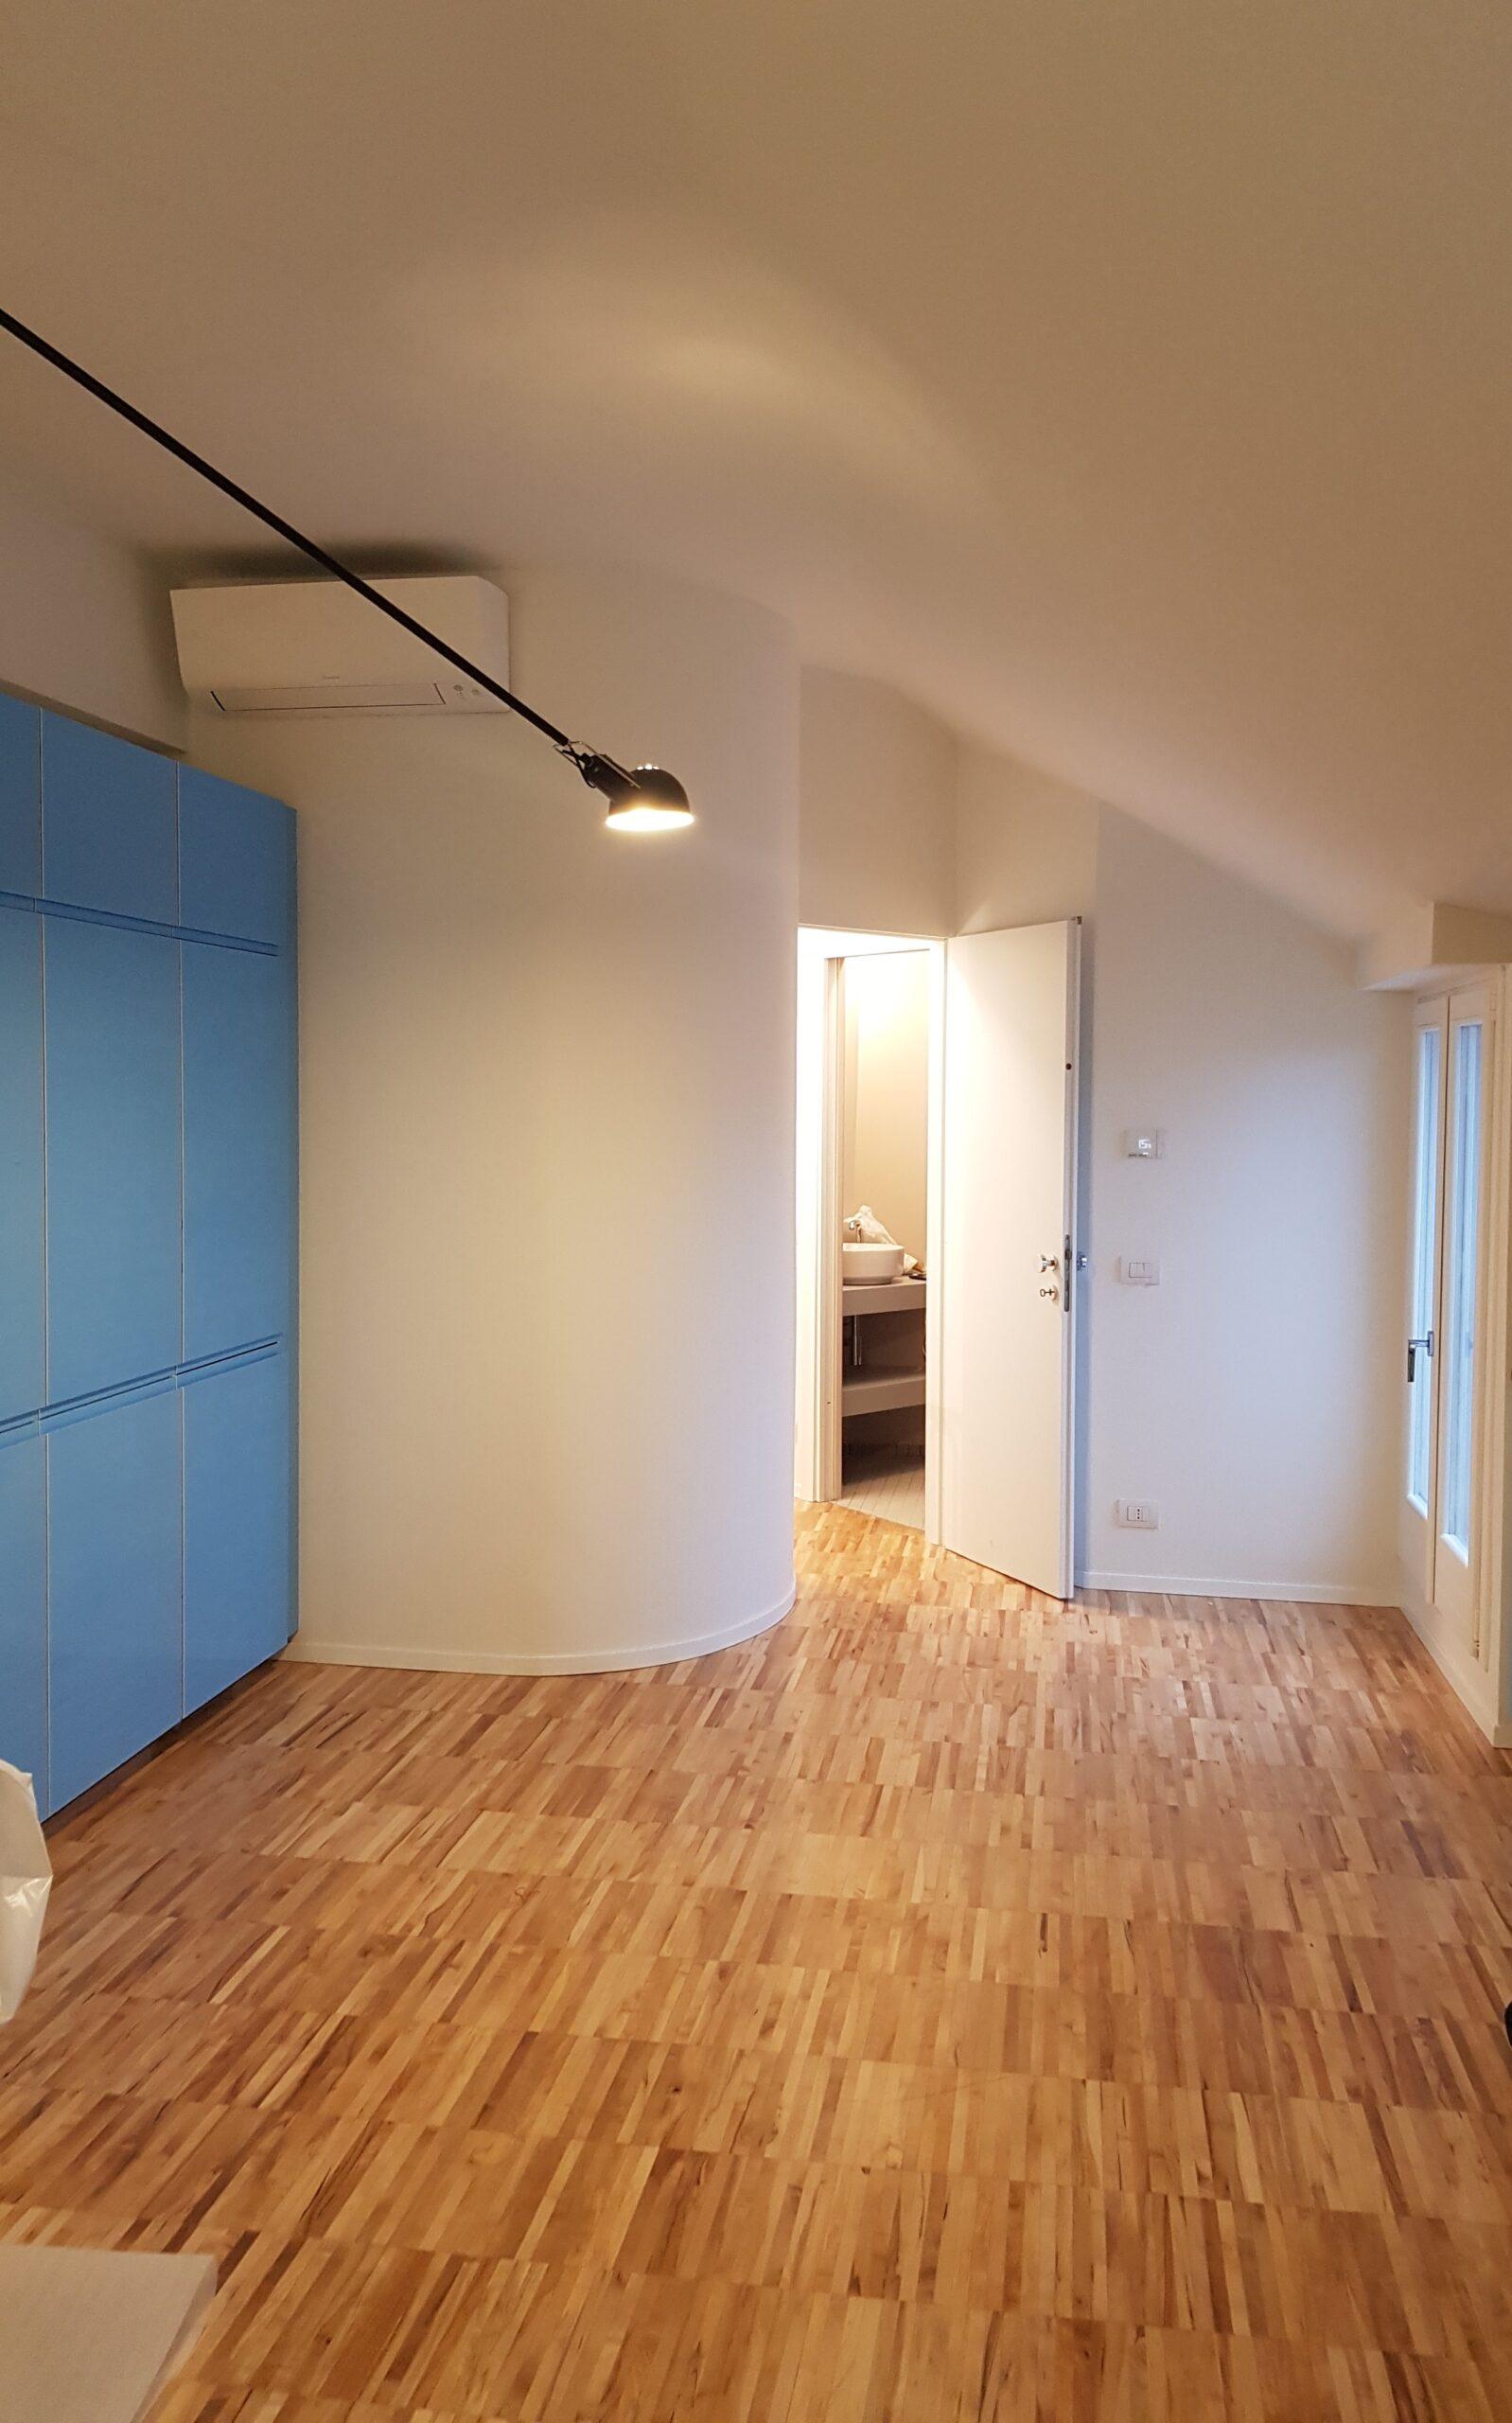 5. Locale alloggio con pavimento in doghe di legno, porta finestra con imbotte in legno laccato e soffitto inclinato a falda: lavori ultimati.